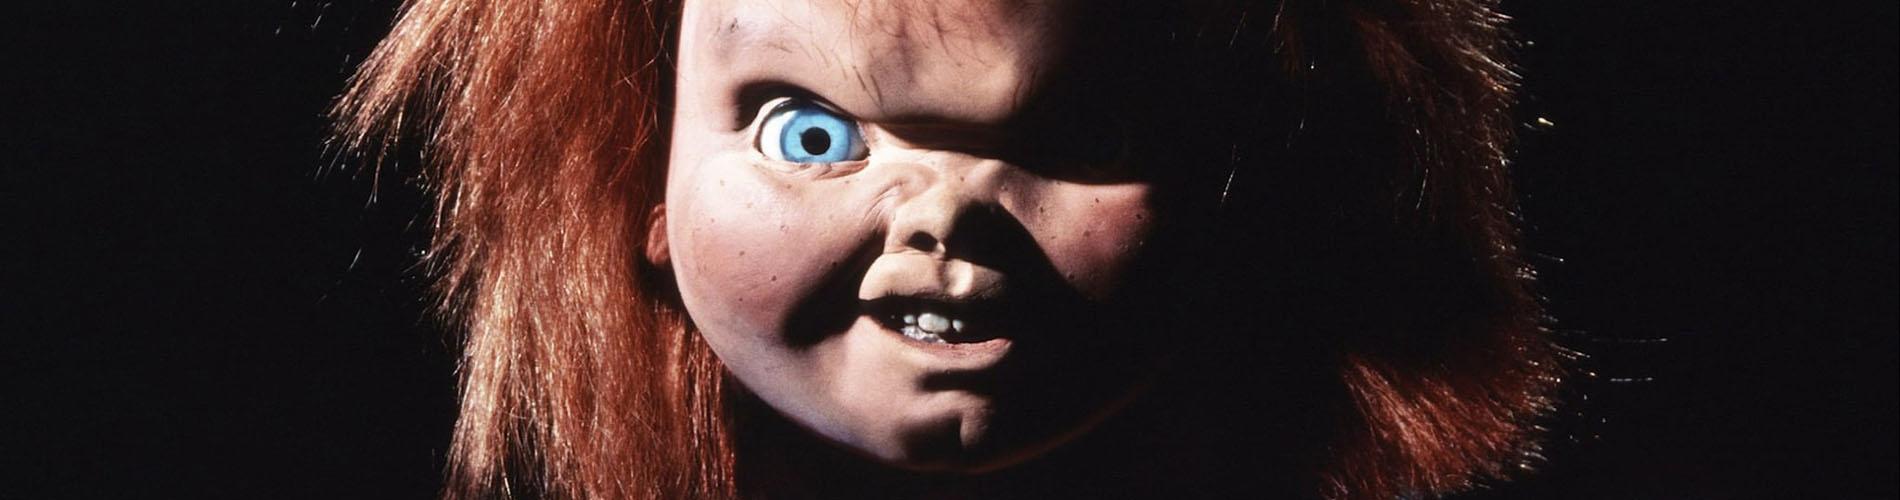 Muñecos en el Cine: un repaso por su historia